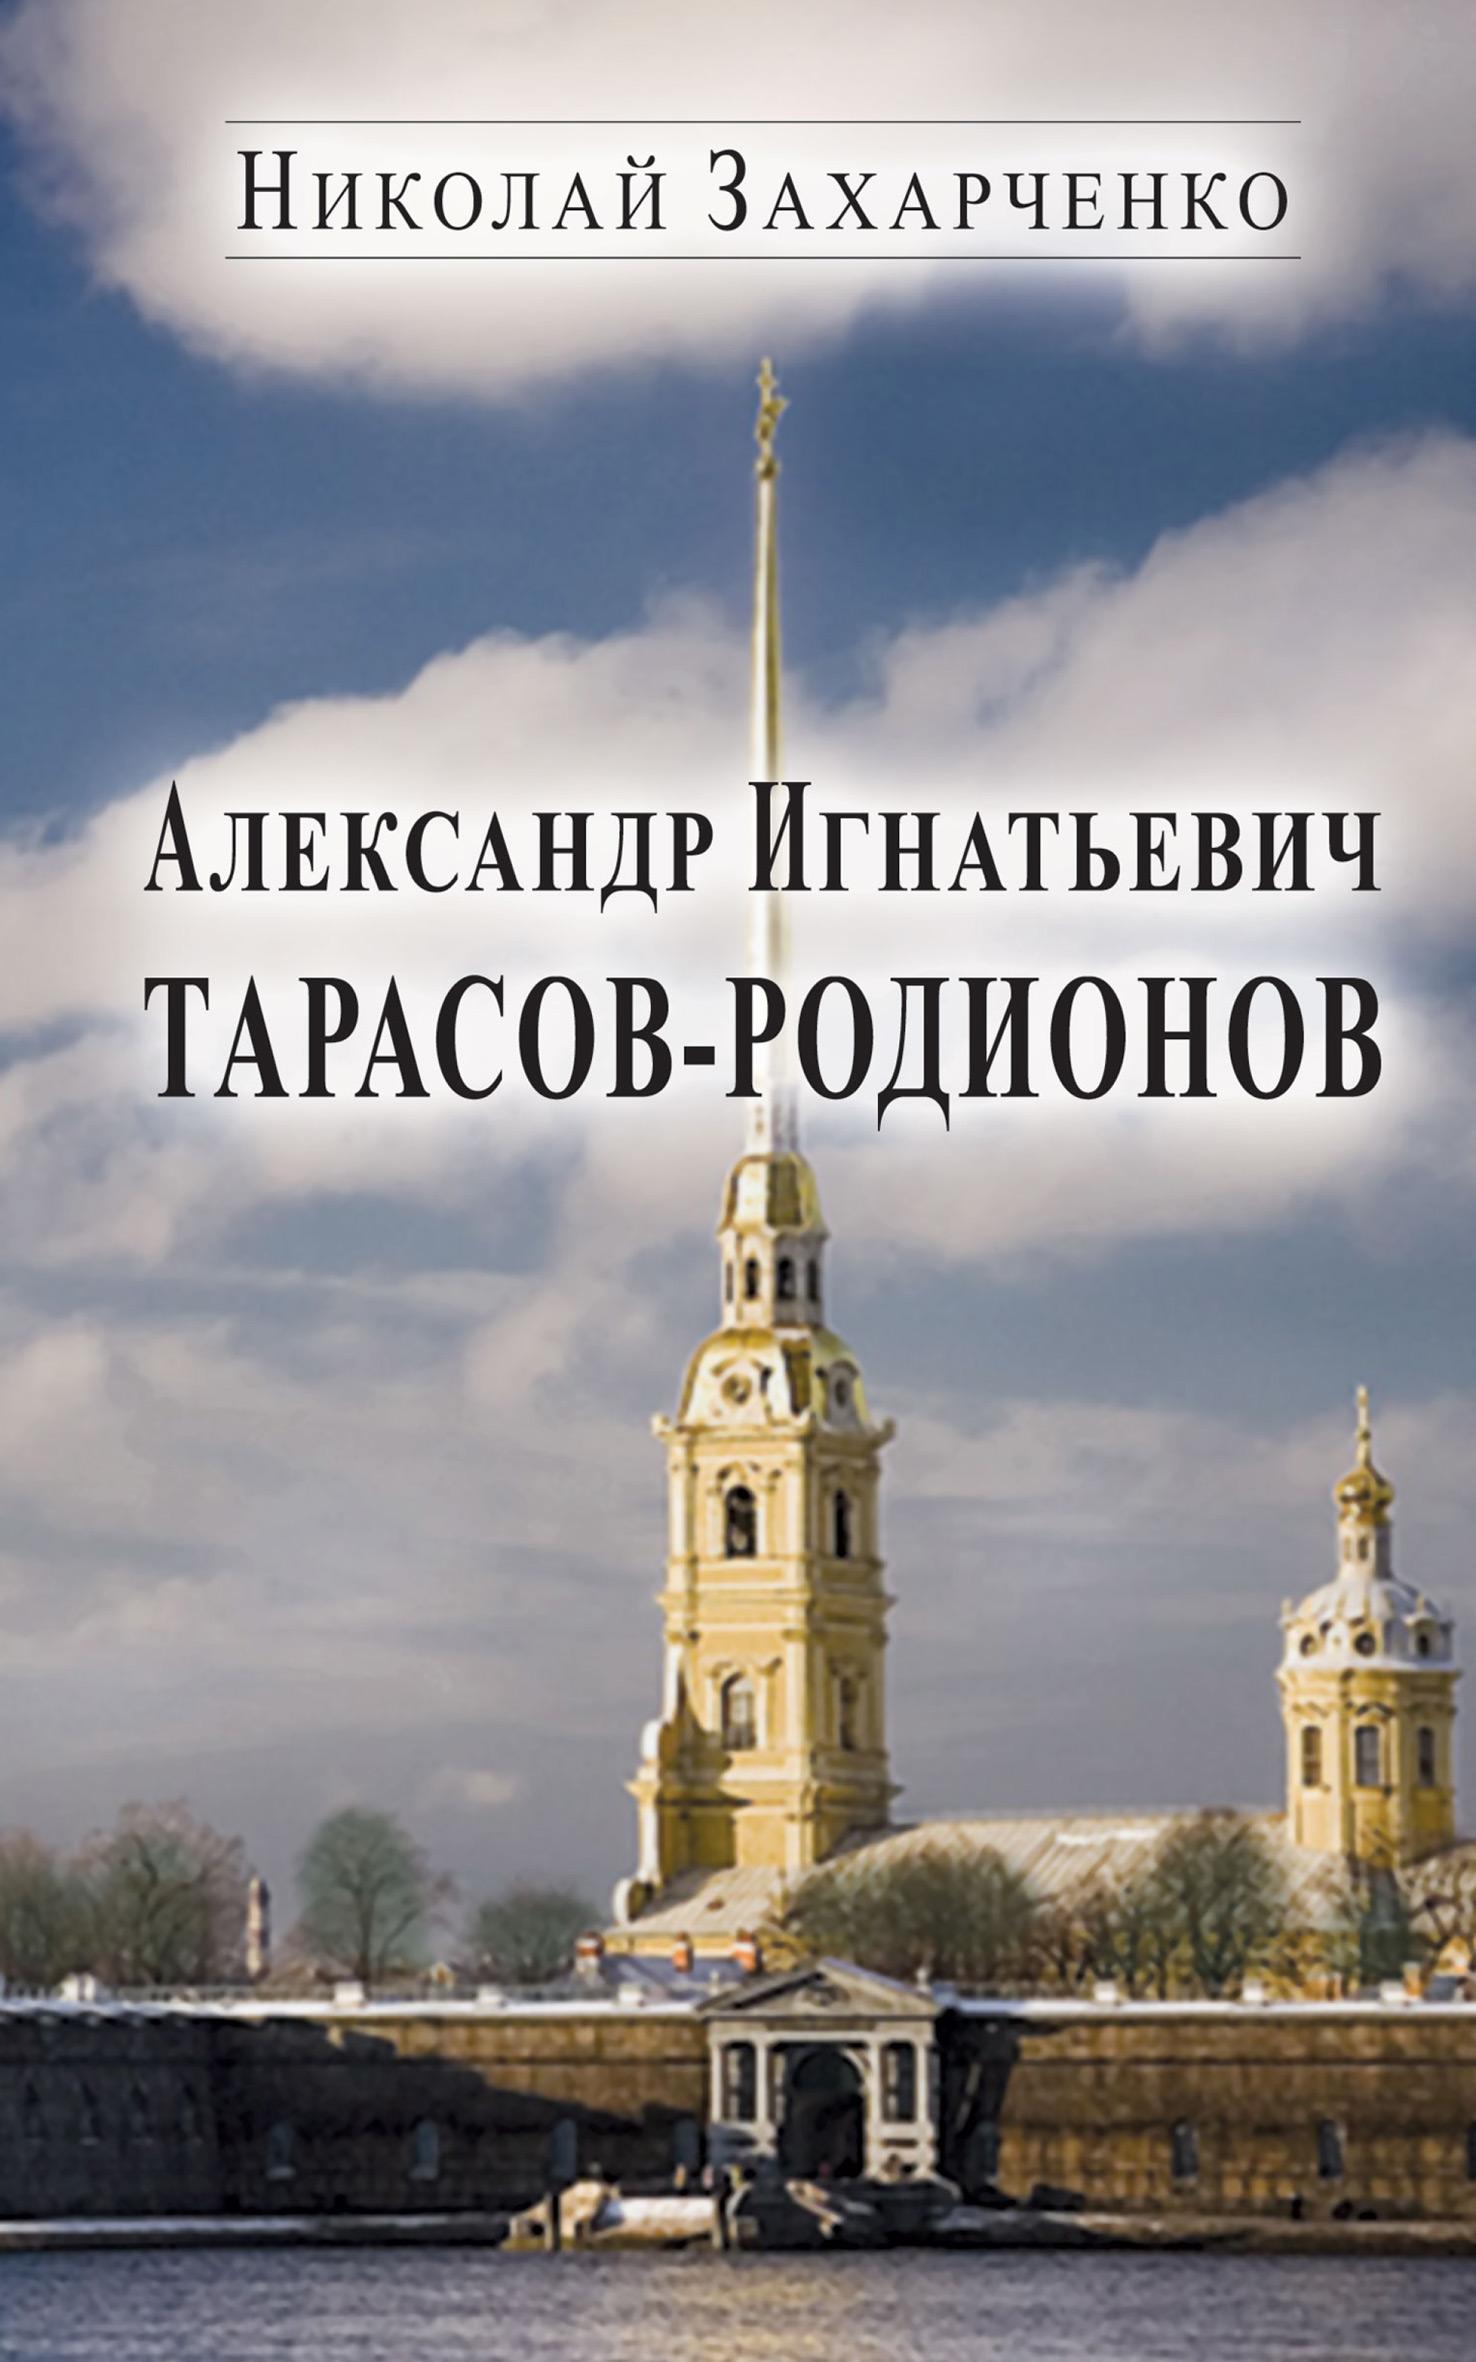 Николай Захарченко «Александр Игнатьевич Тарасов-Родионов (страницы биографии)»